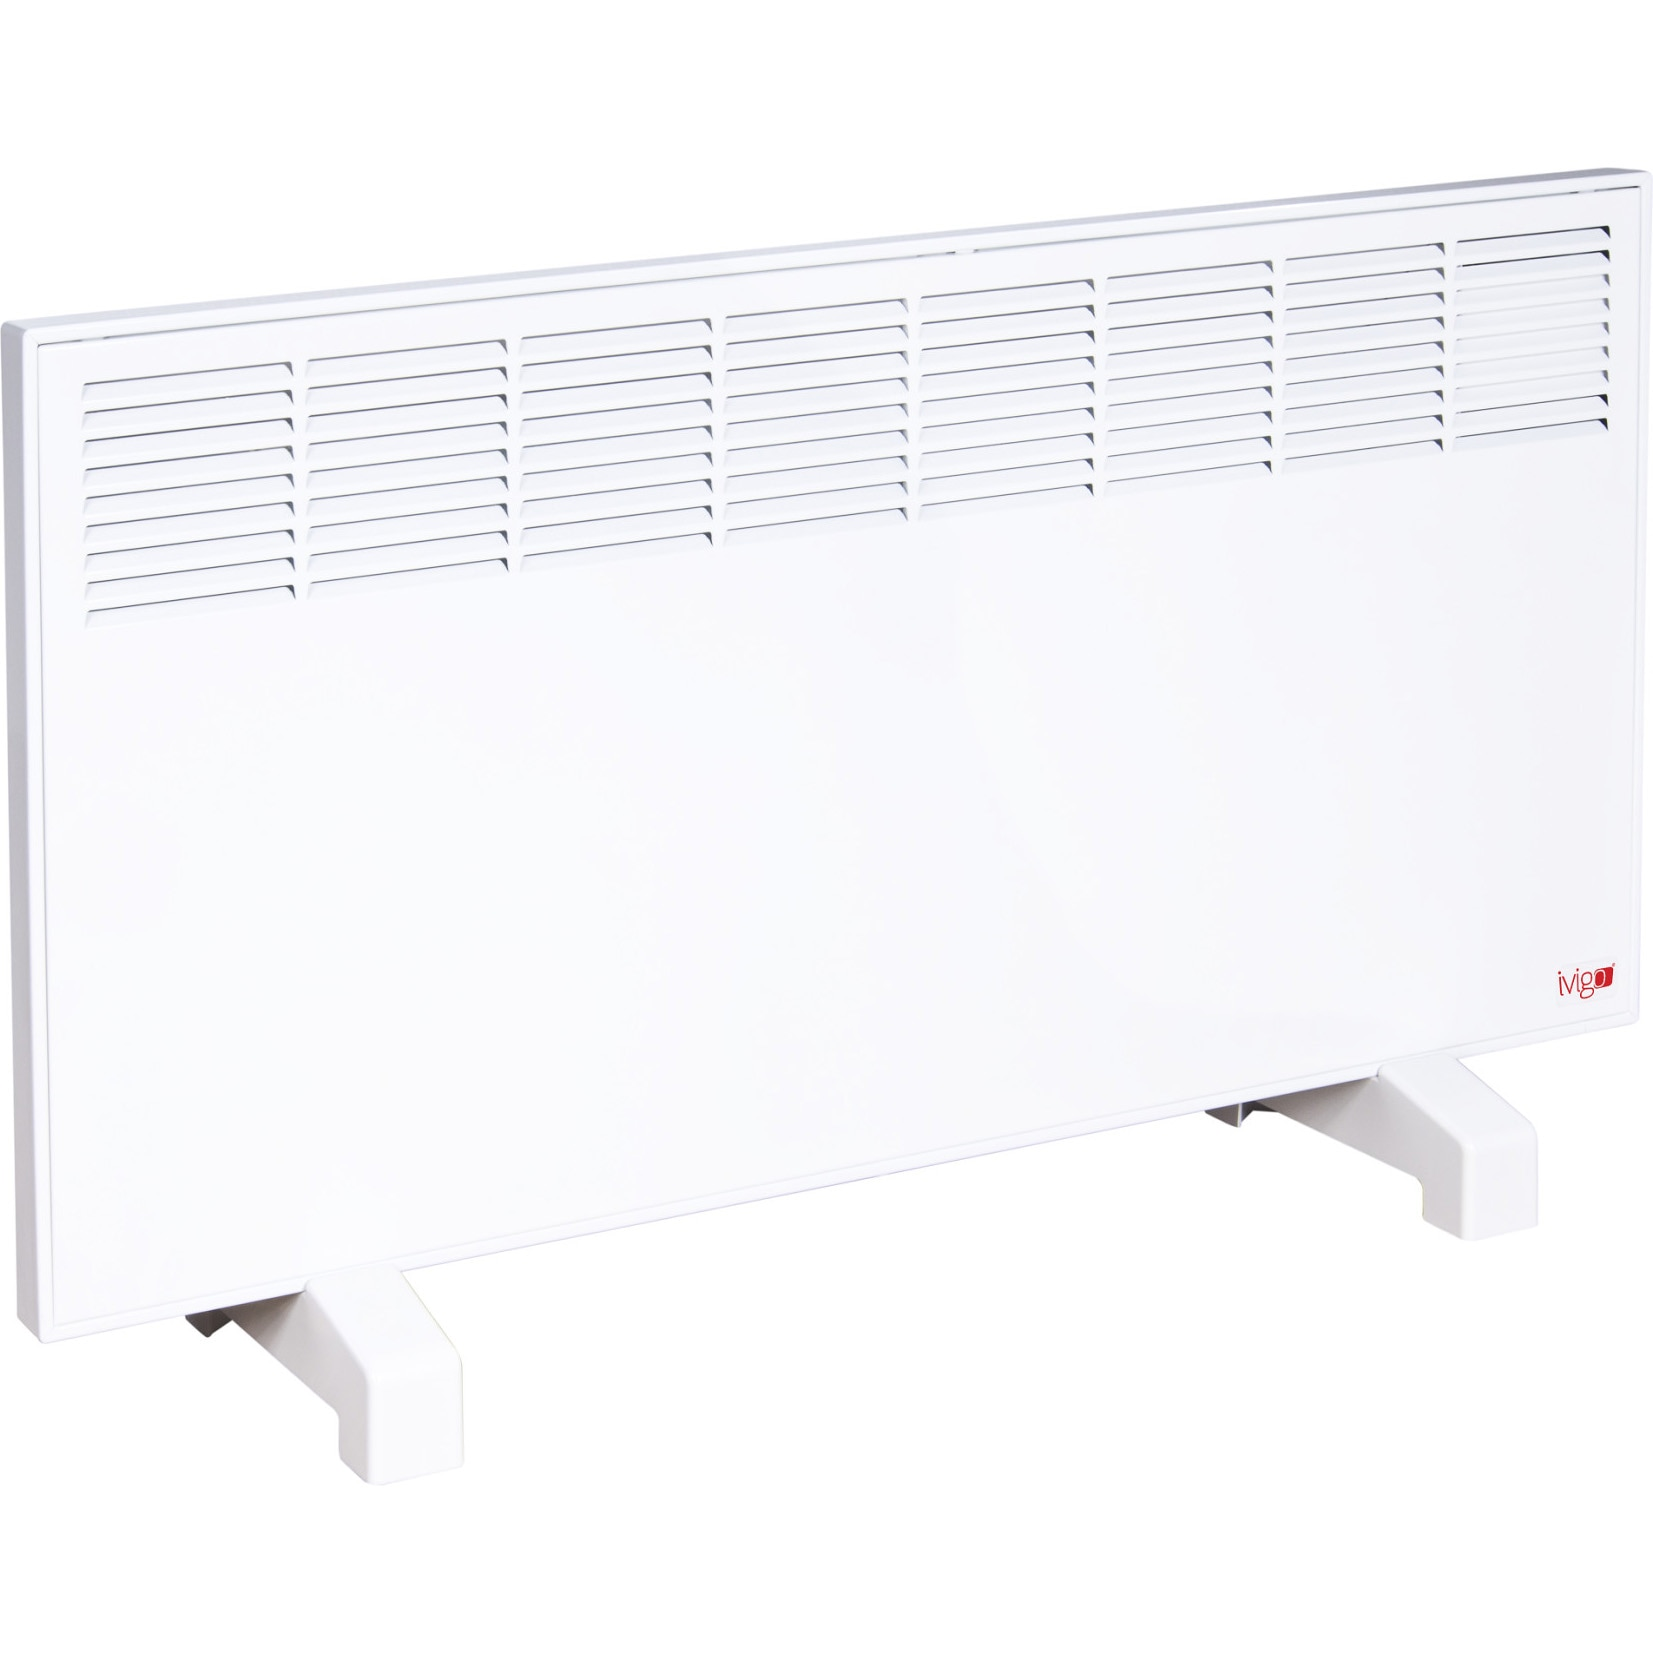 Fotografie Convector Vigo Manual EPK 2500 W White, control mecanic, Termostat de siguranta, termostat reglabil, IP 24, pentru 28 mp, ERP 2018